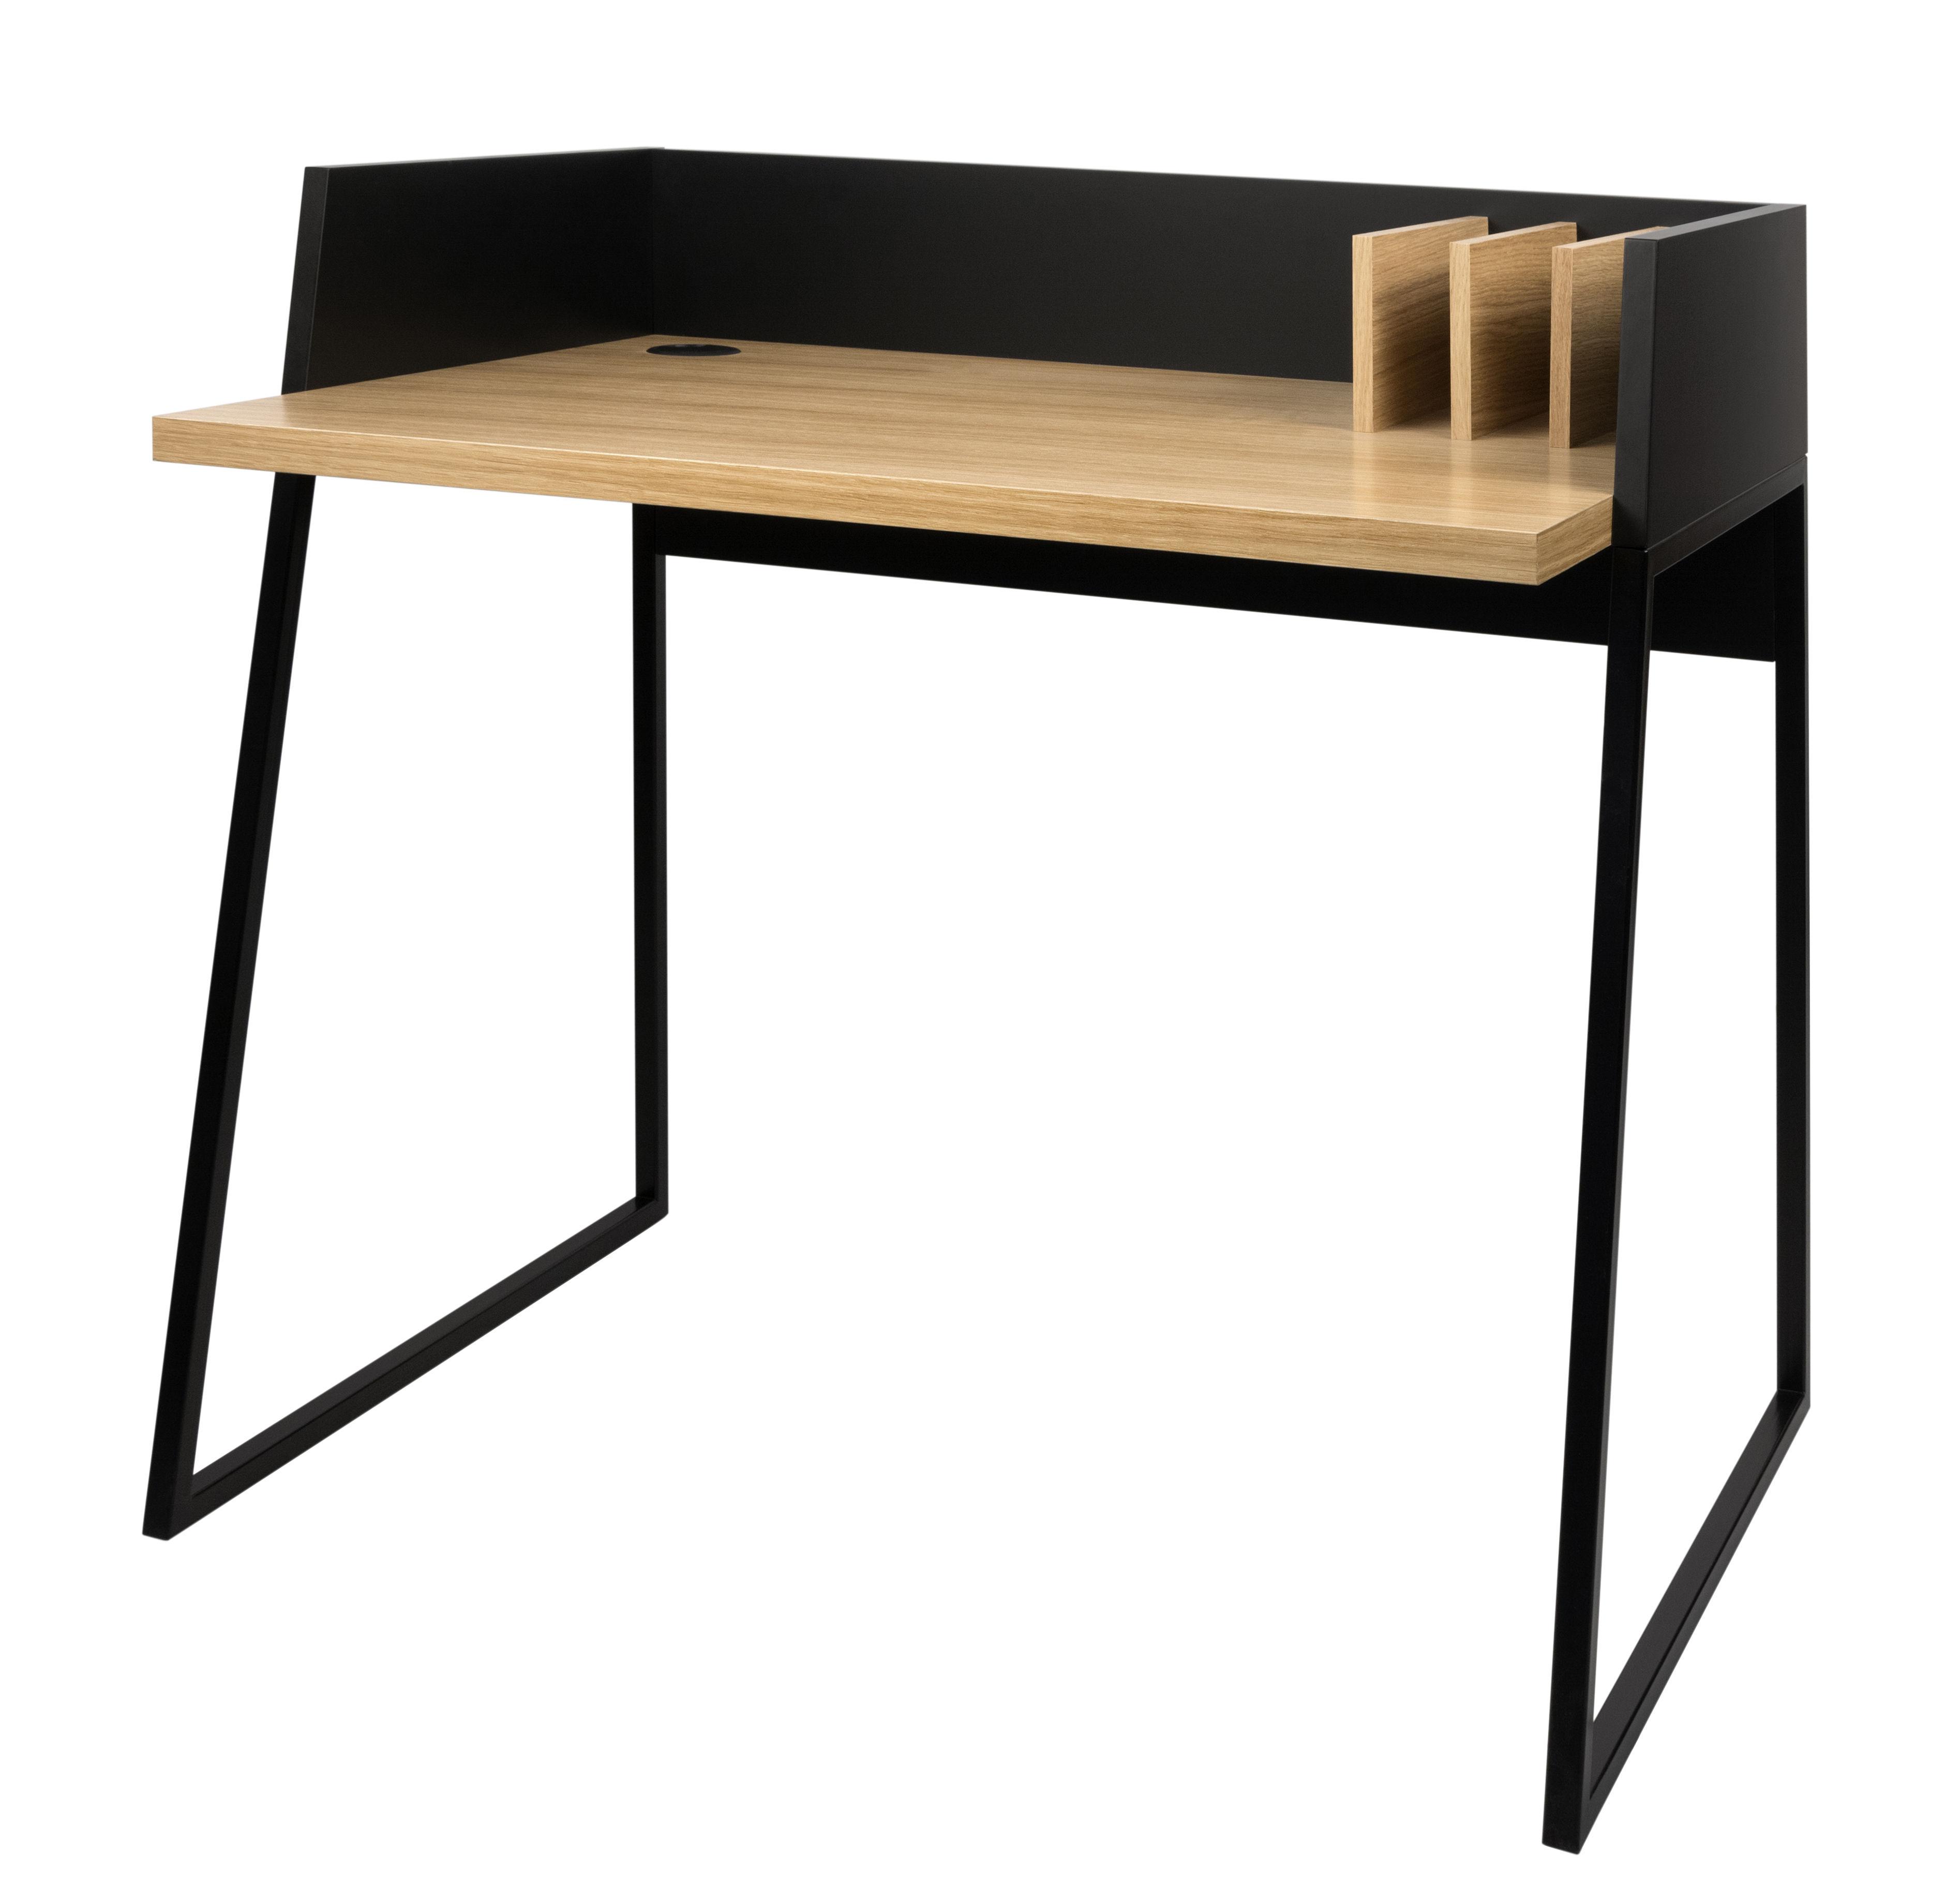 Arredamento - Mobili da ufficio - Scrivania Working - POP UP HOME - Nero / Quercia - MDF tinto, metallo laccato, Pannelli alveolari, Placage chêne